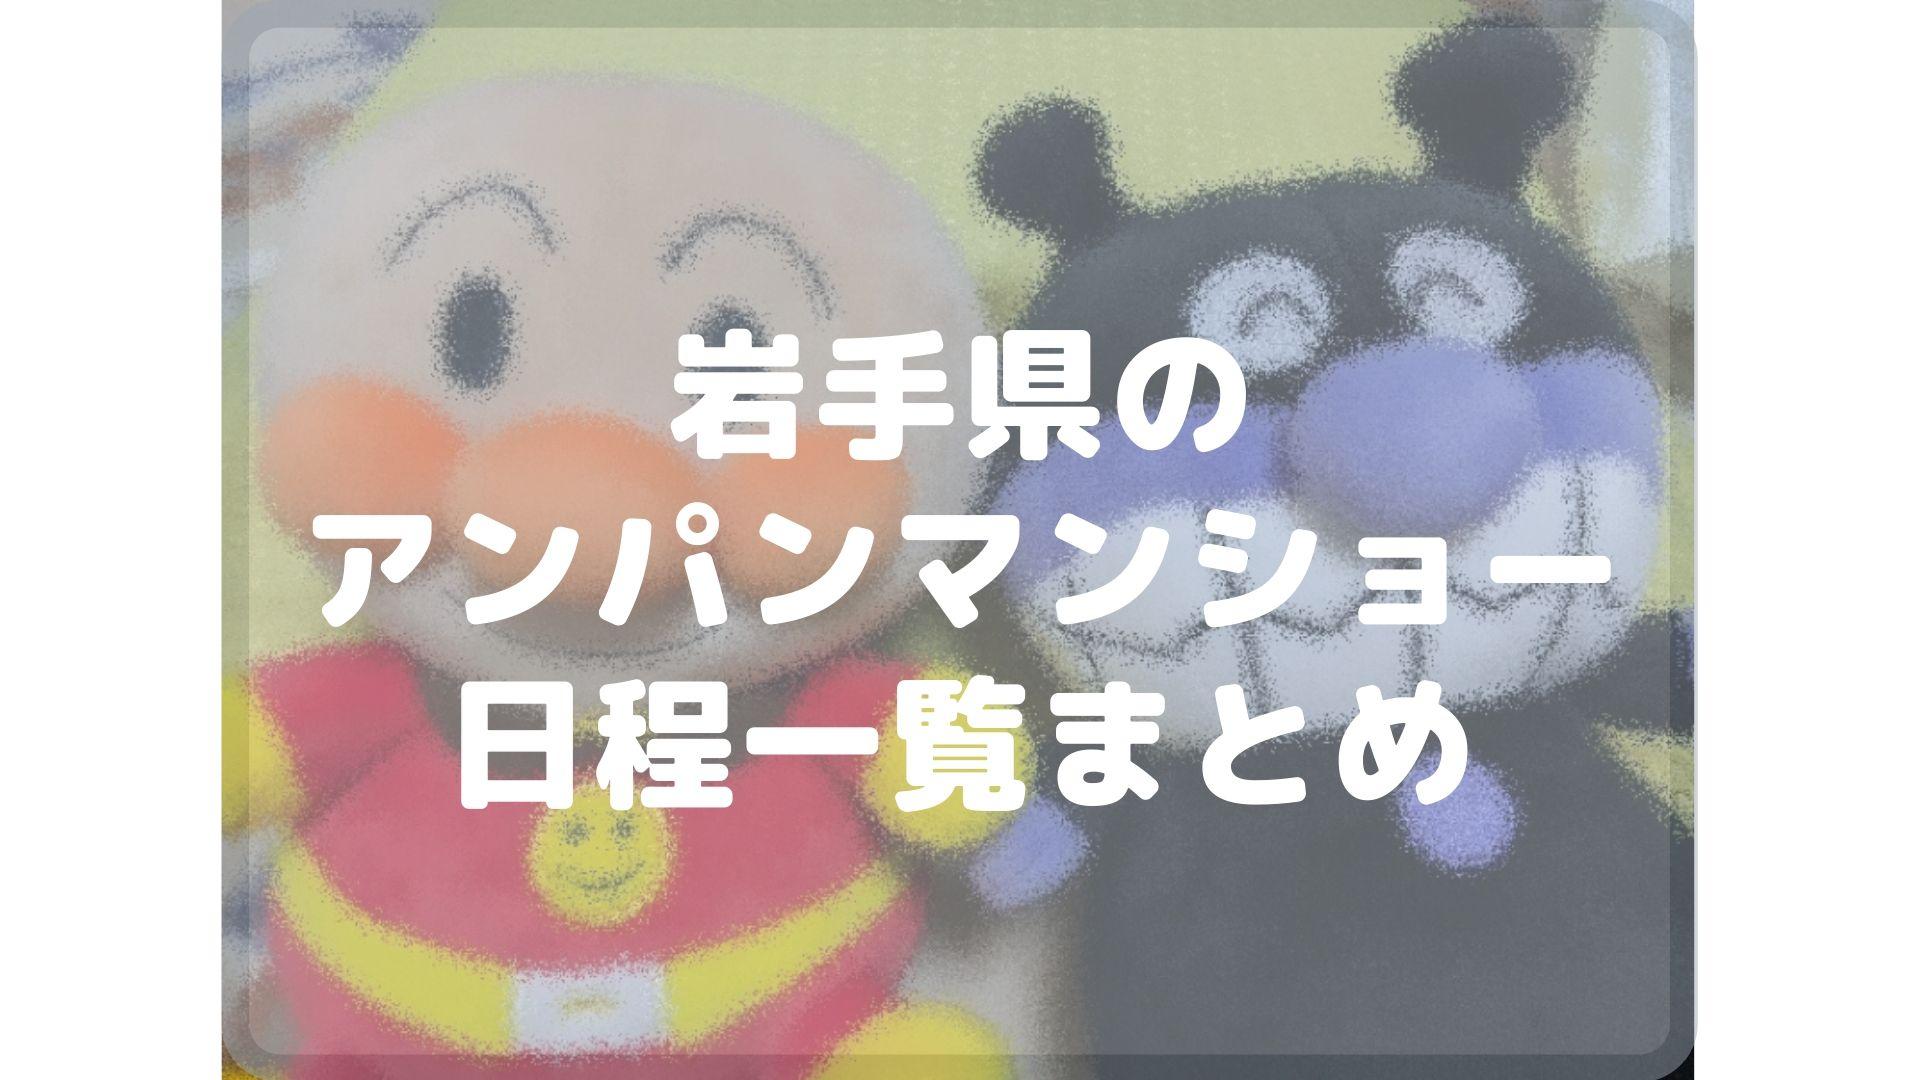 岩手県のアンパンマンショーまとめタイトル画像